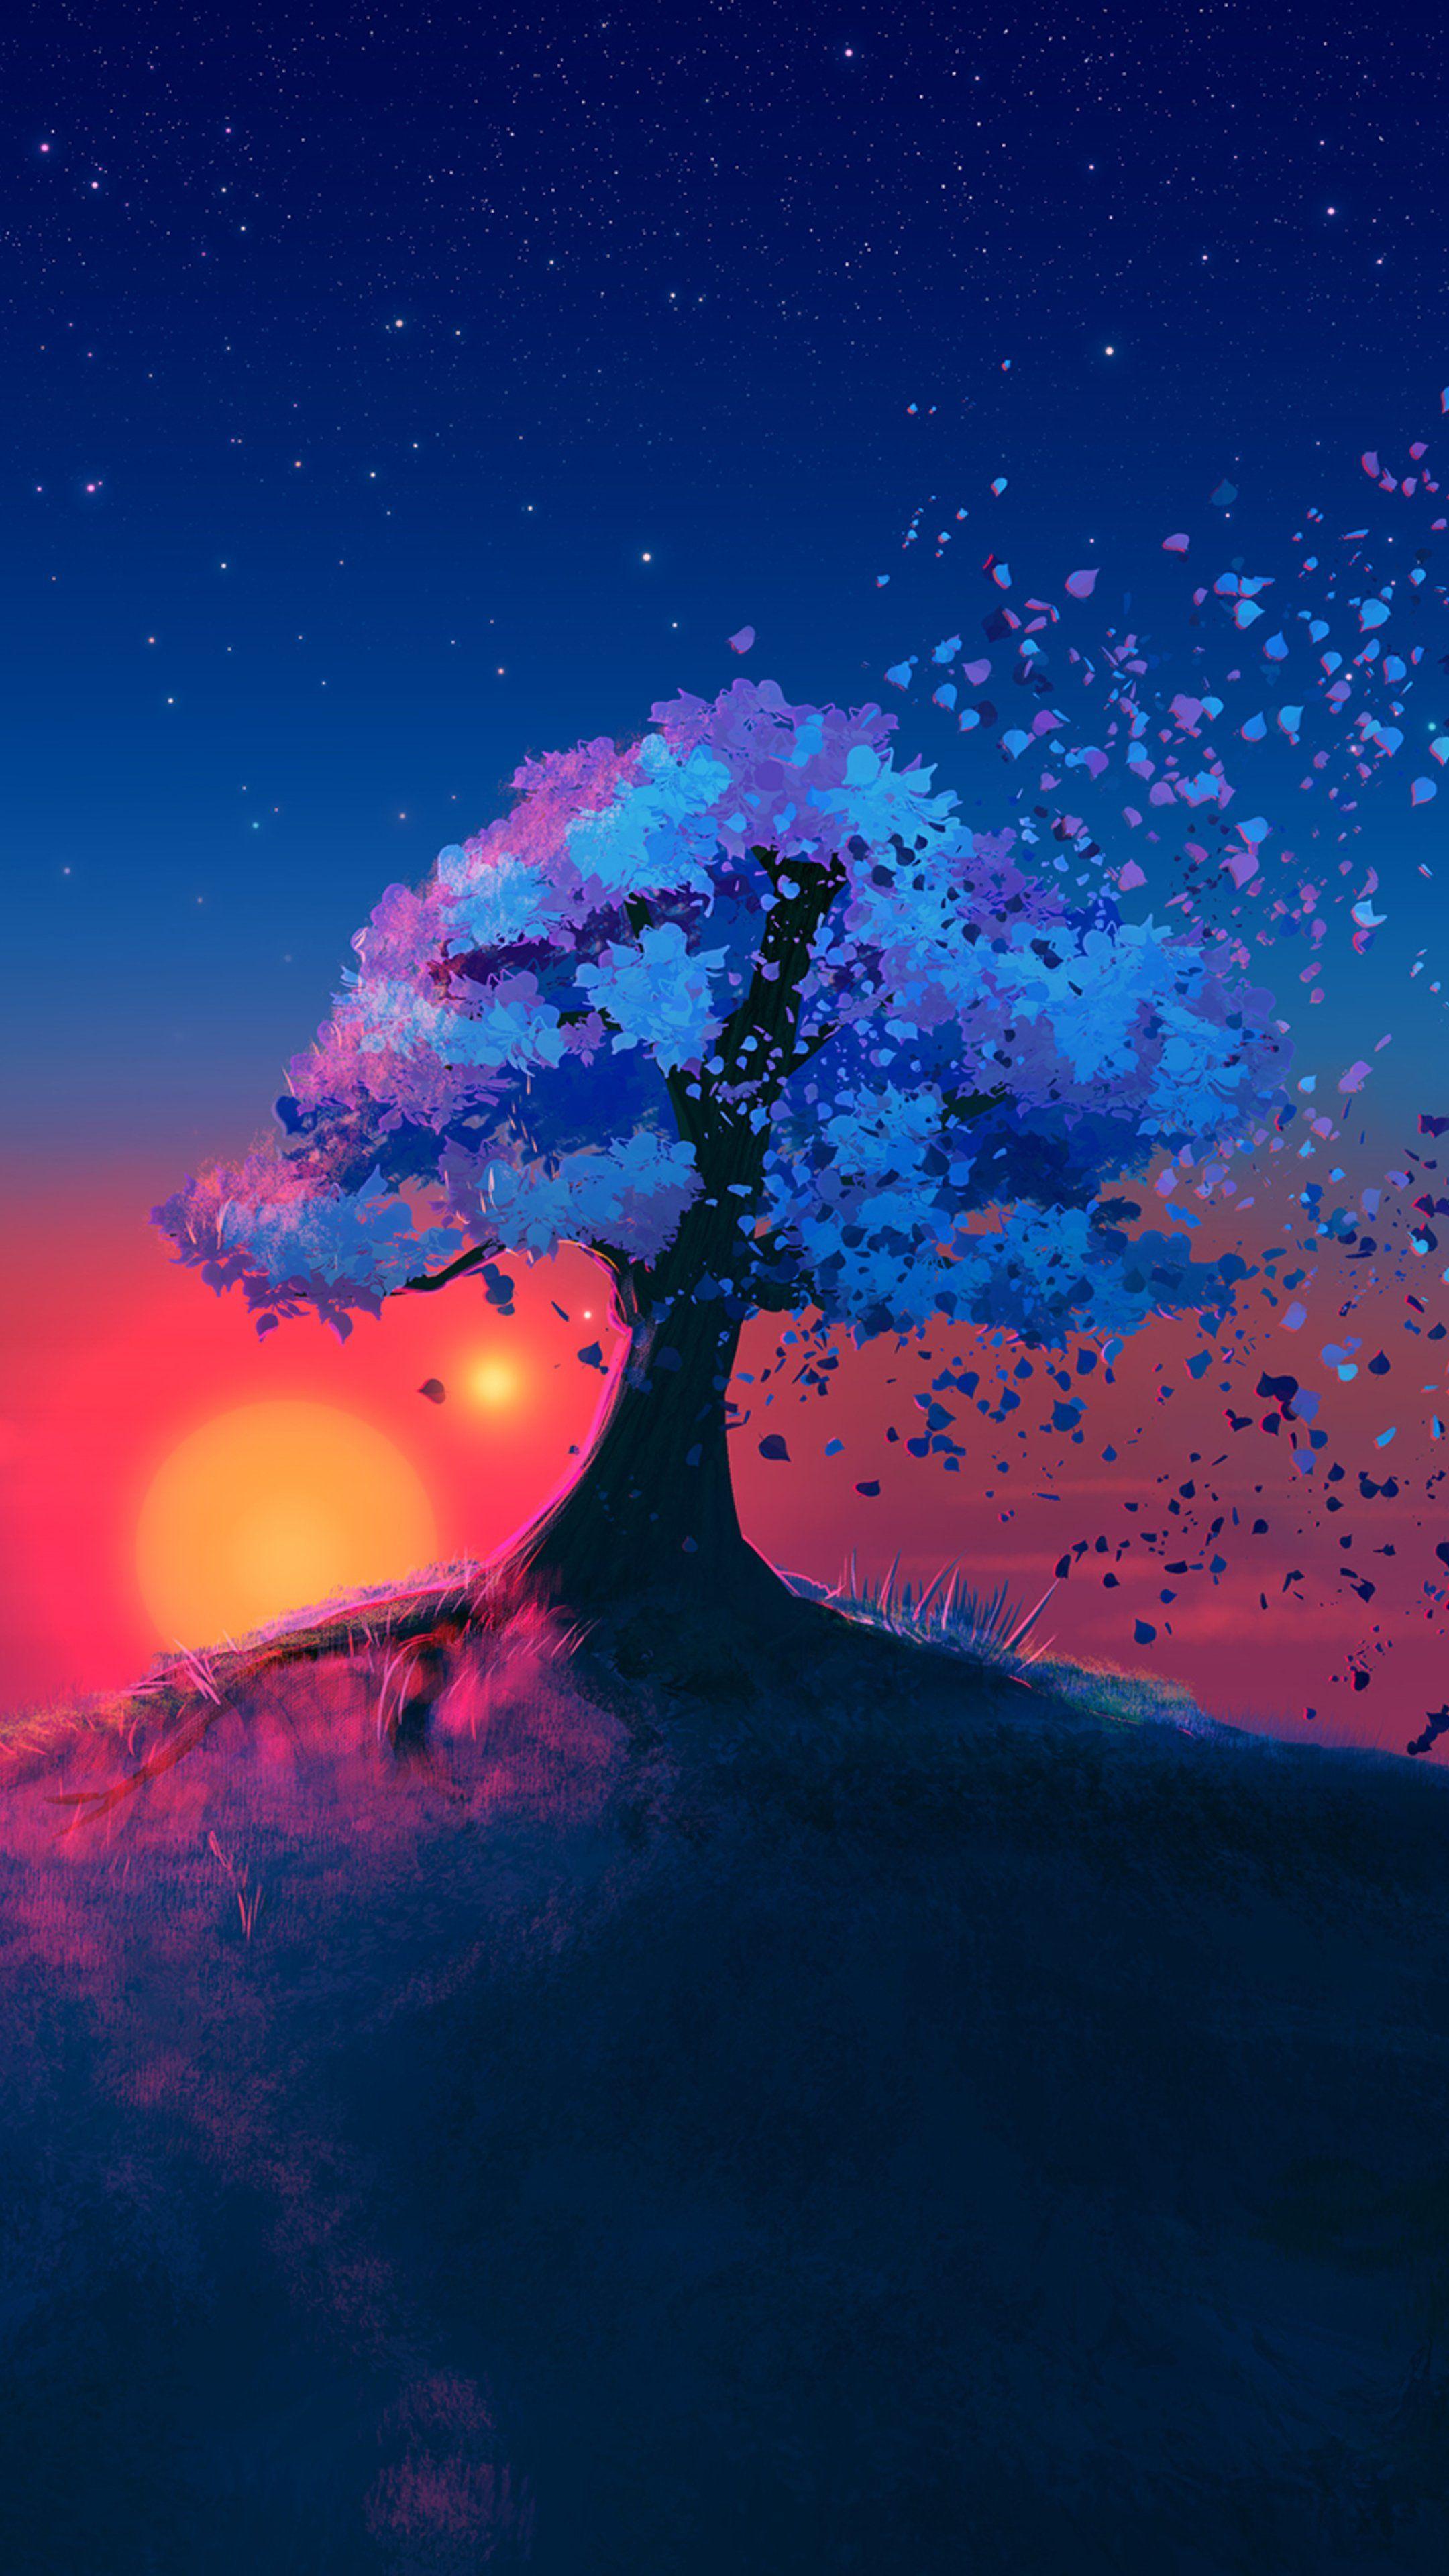 Alone Tree Art Landscape Wallpaper Art Wallpaper Scenery